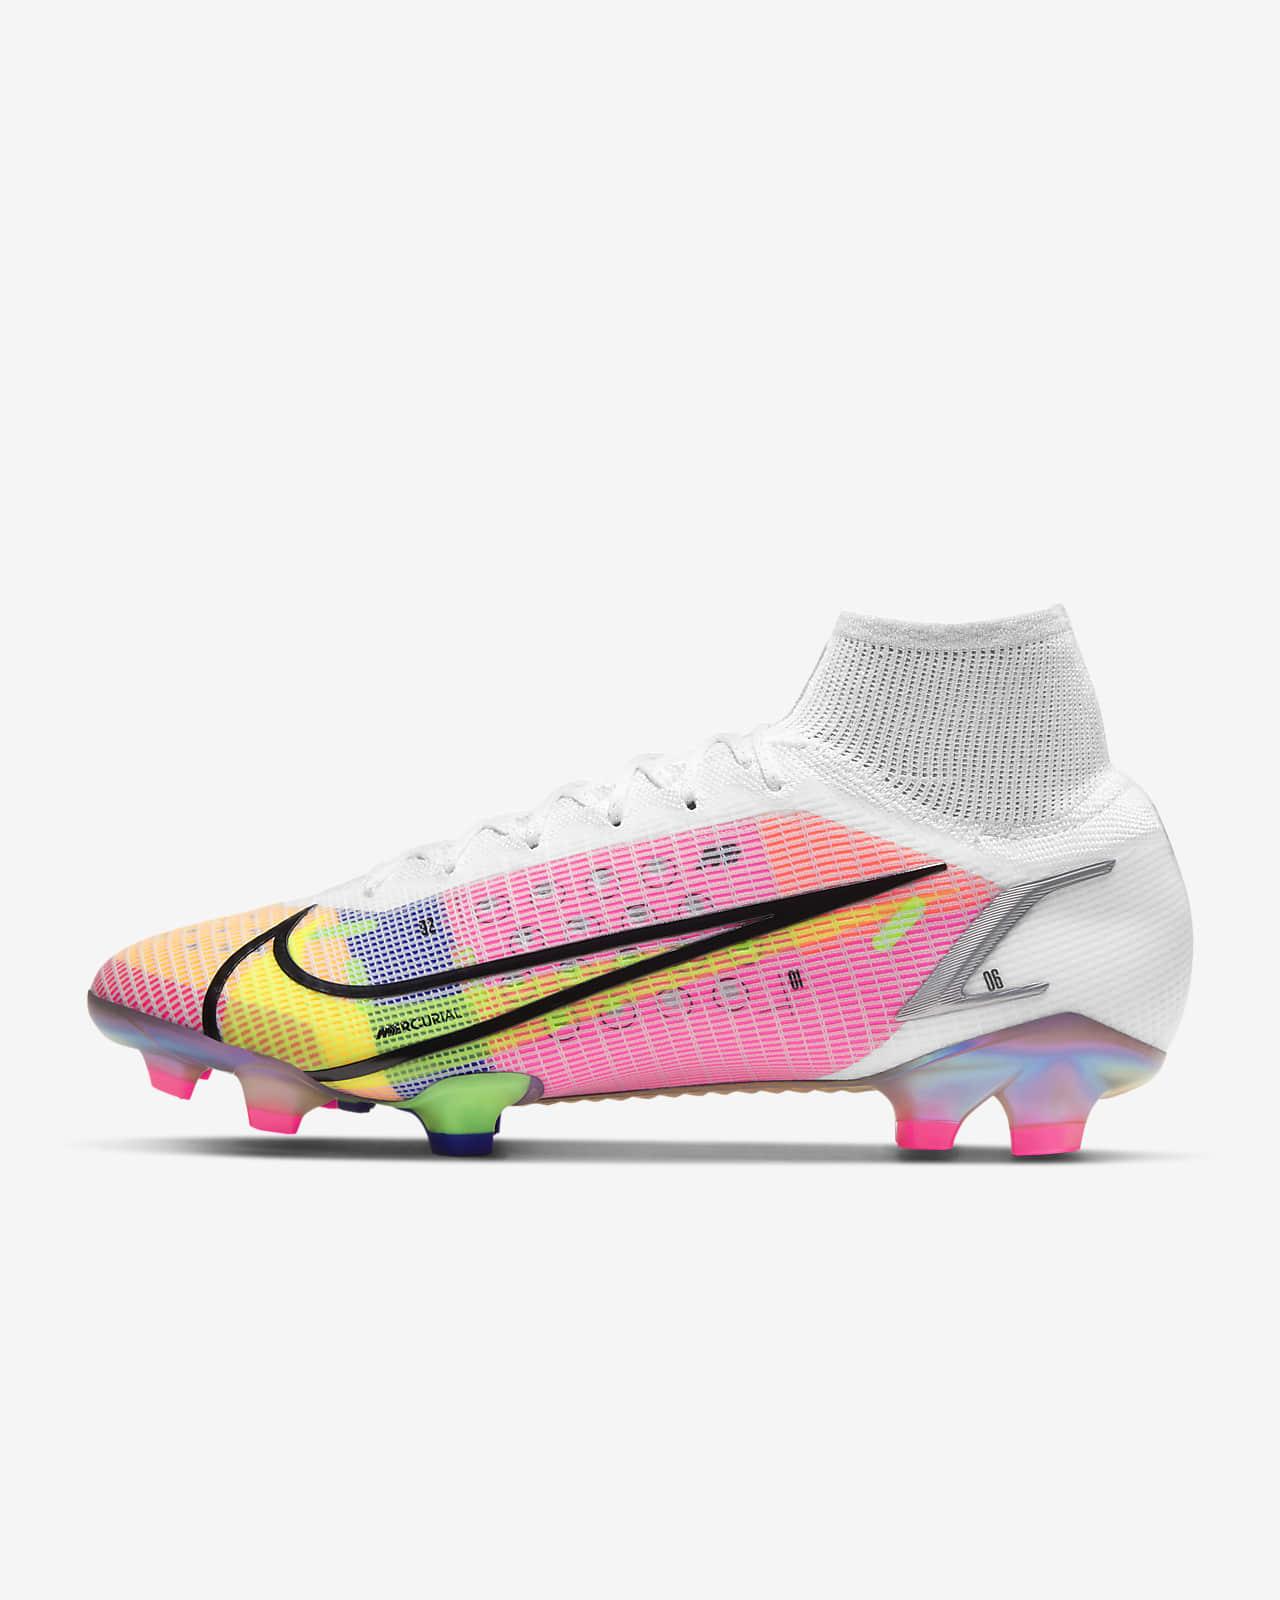 Fotbollssko för gräs Nike Mercurial Superfly 8 Elite FG